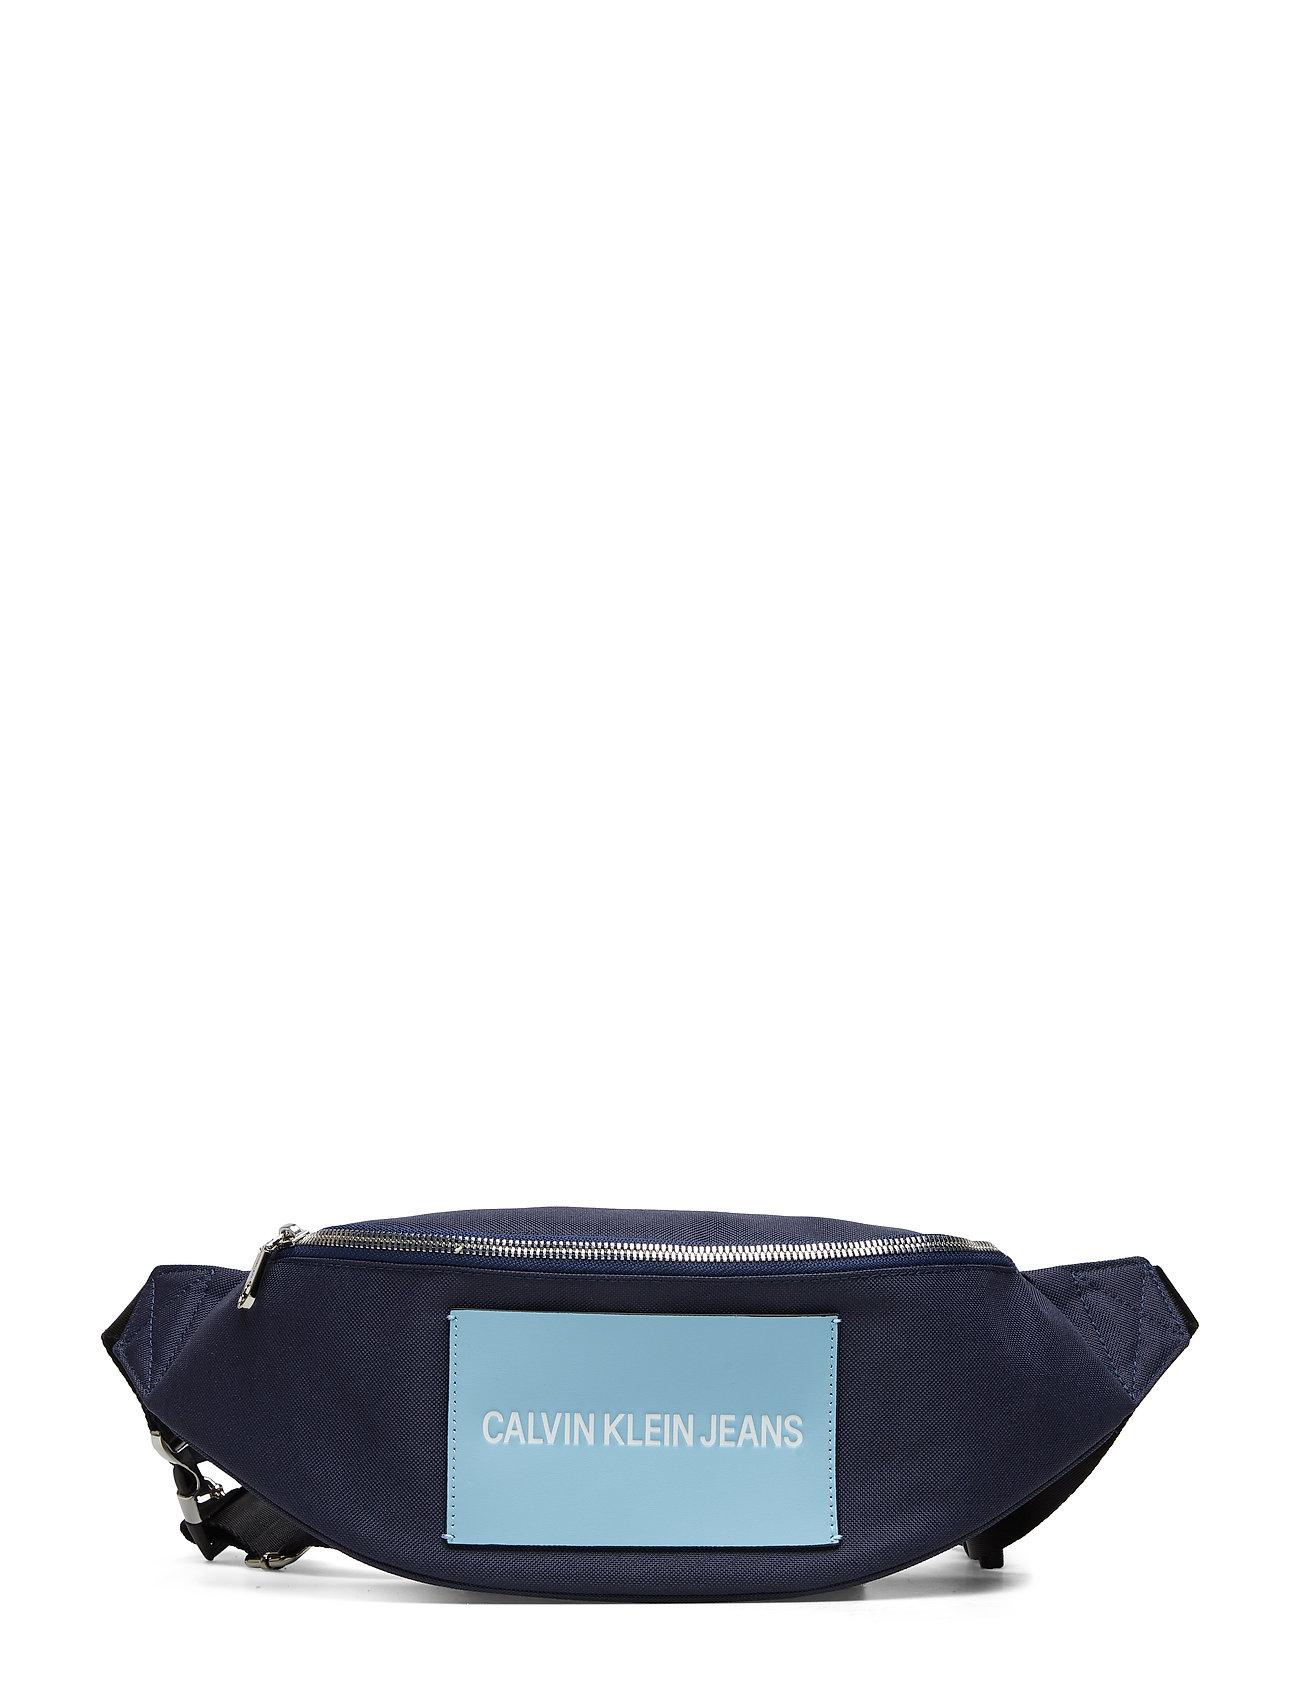 Calvin Klein SP ESSENTIAL+ STREET PACK (N) - NAVY